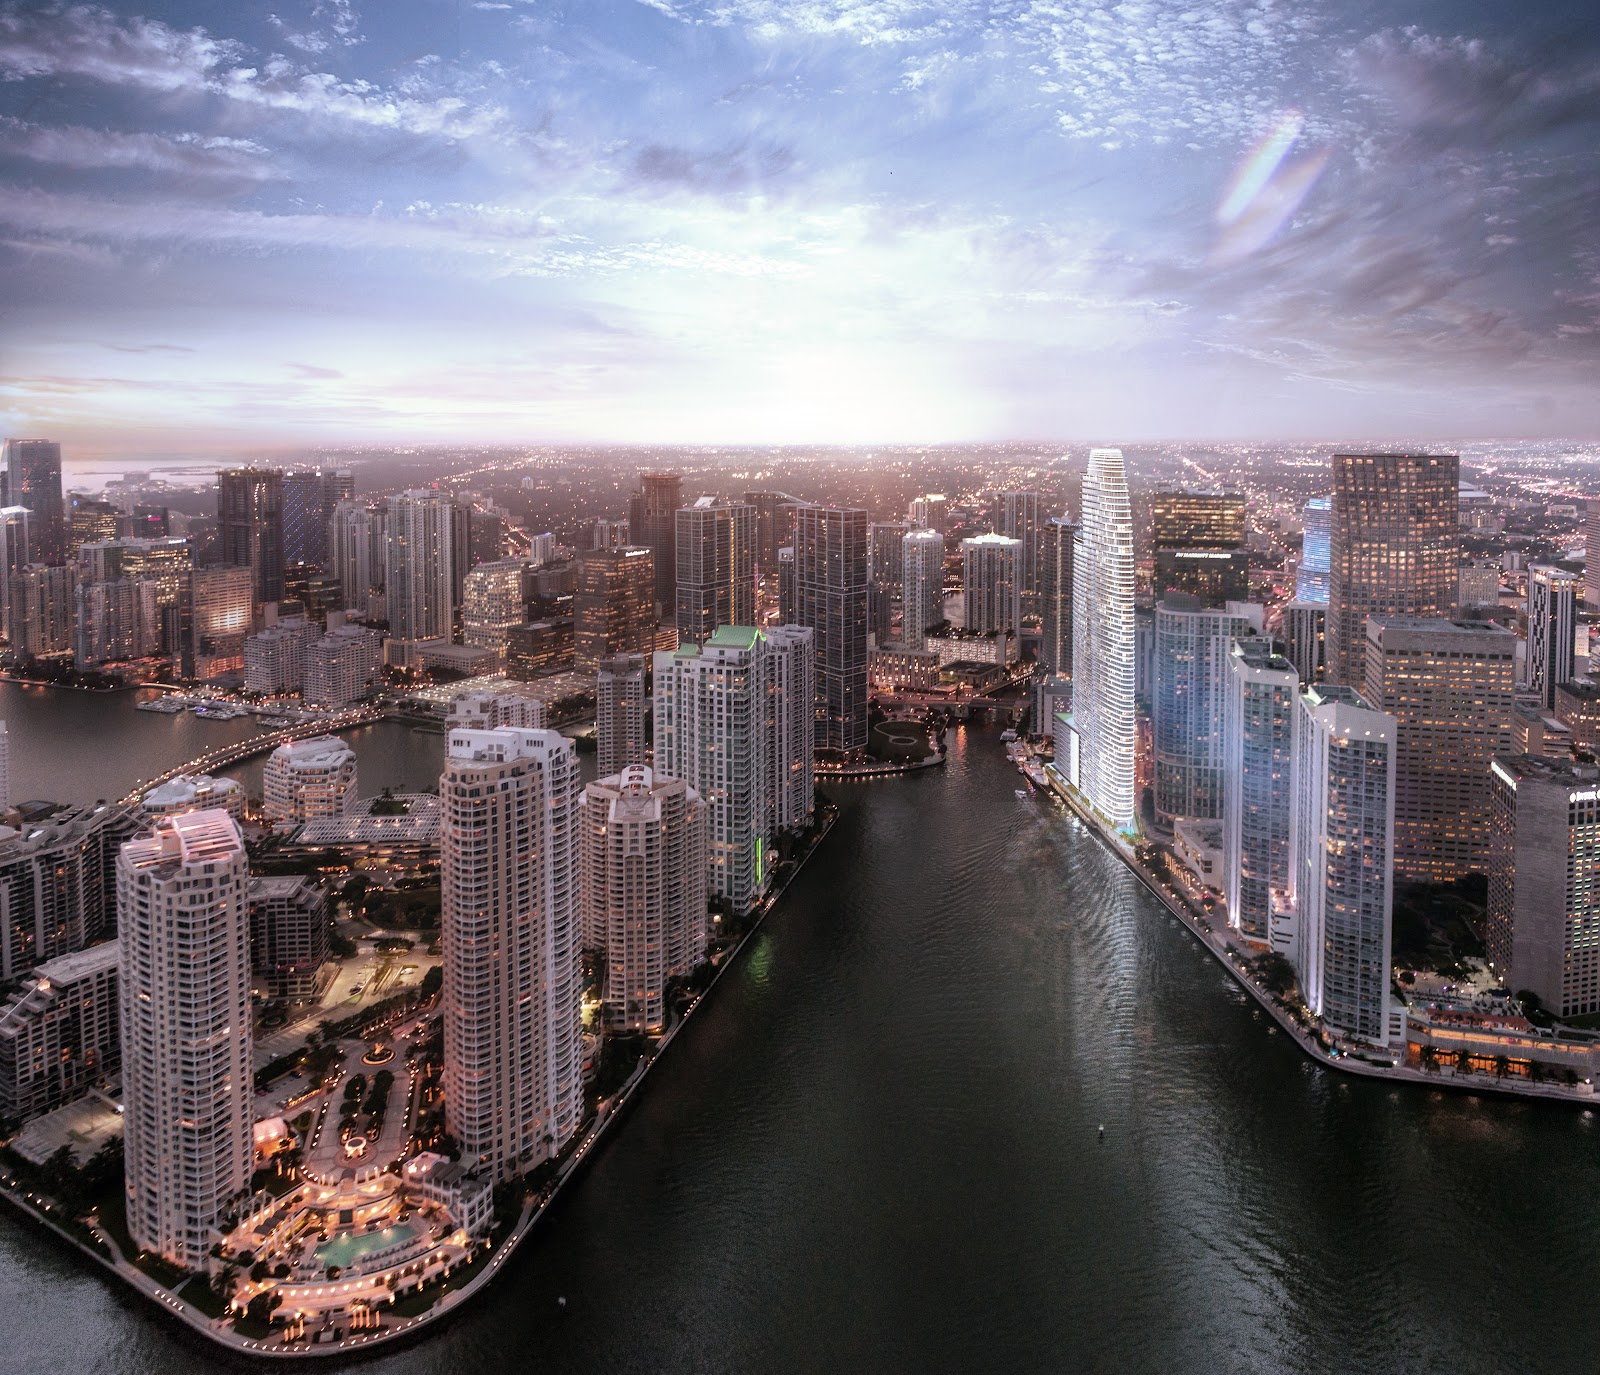 Aston Martin Residences Miami Horizon Aerial